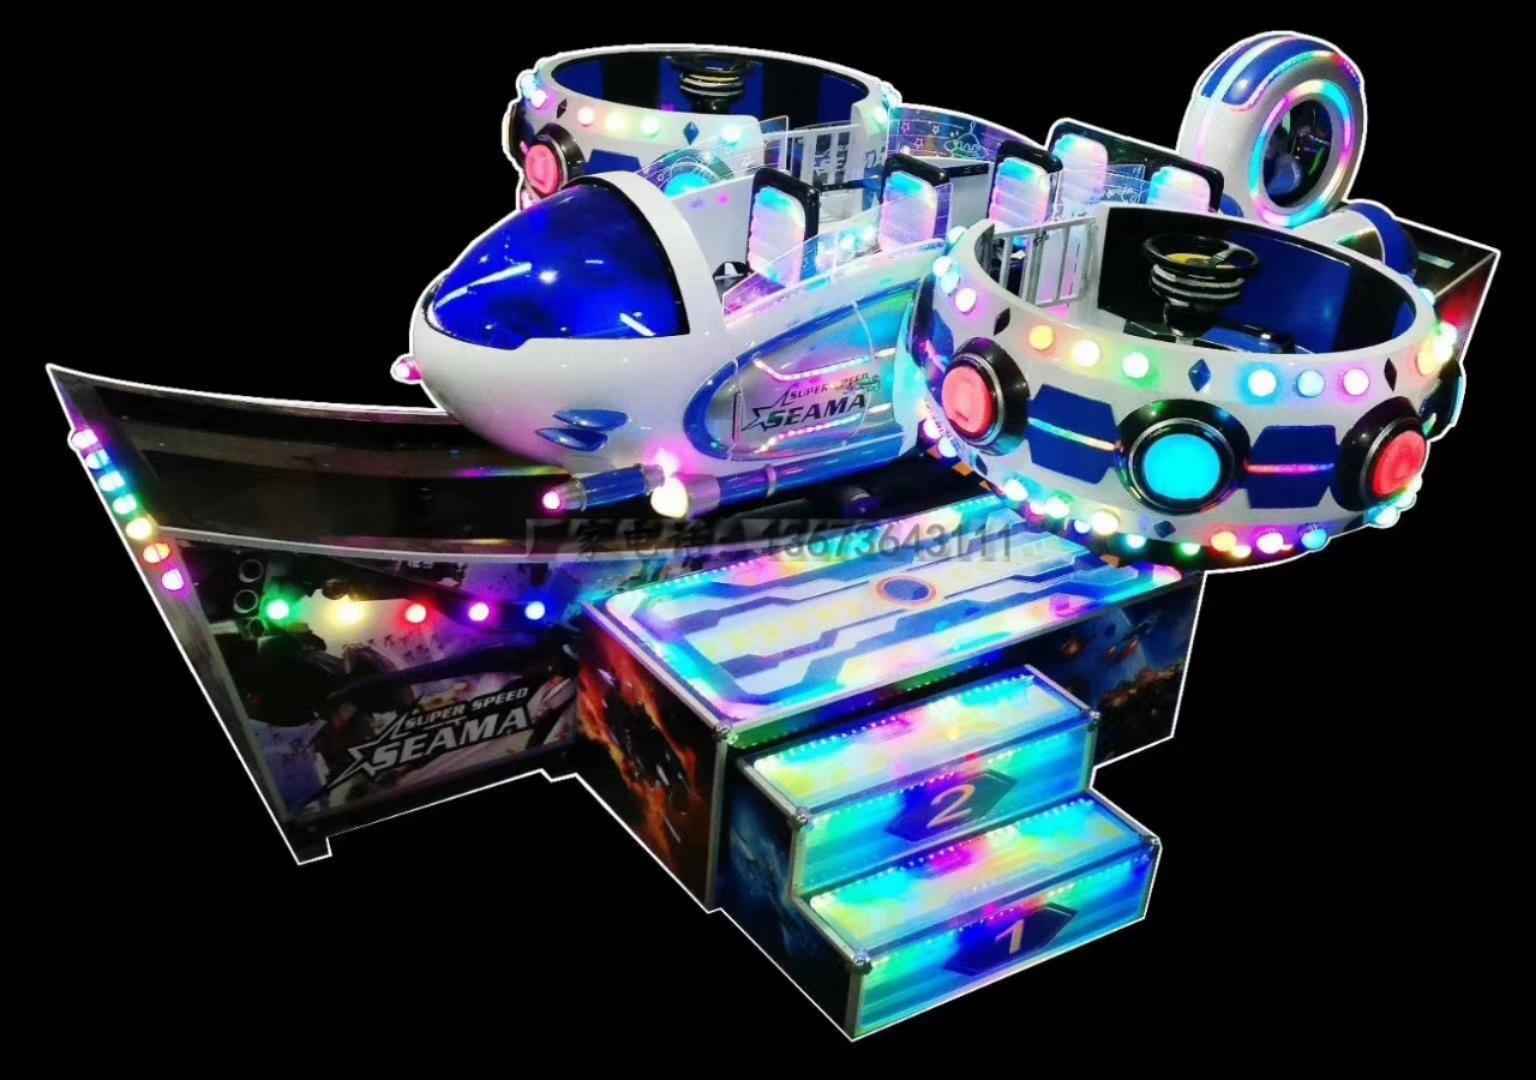 欢乐喷球车户外儿童游乐设备 大洋游乐厂家直销轨道欢乐喷球车示例图24